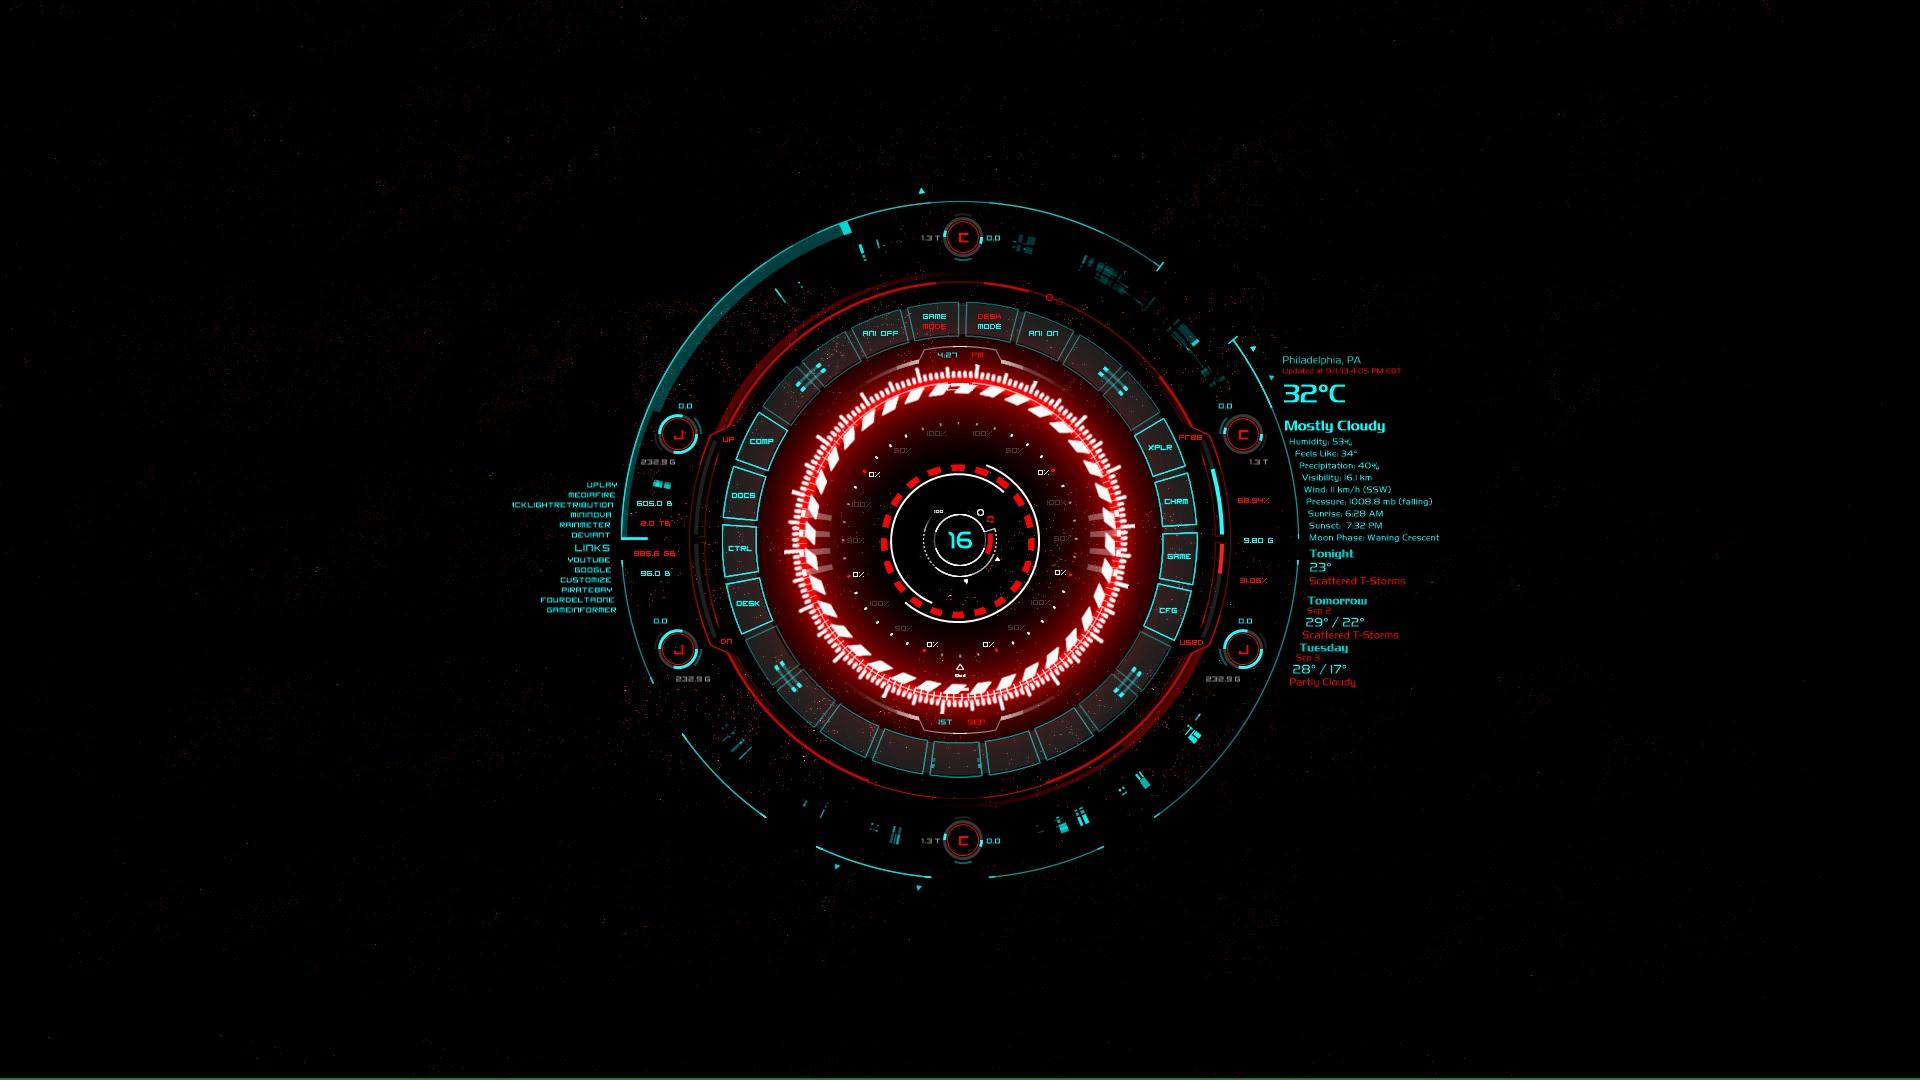 black hi tech wallpaper hd - photo #13